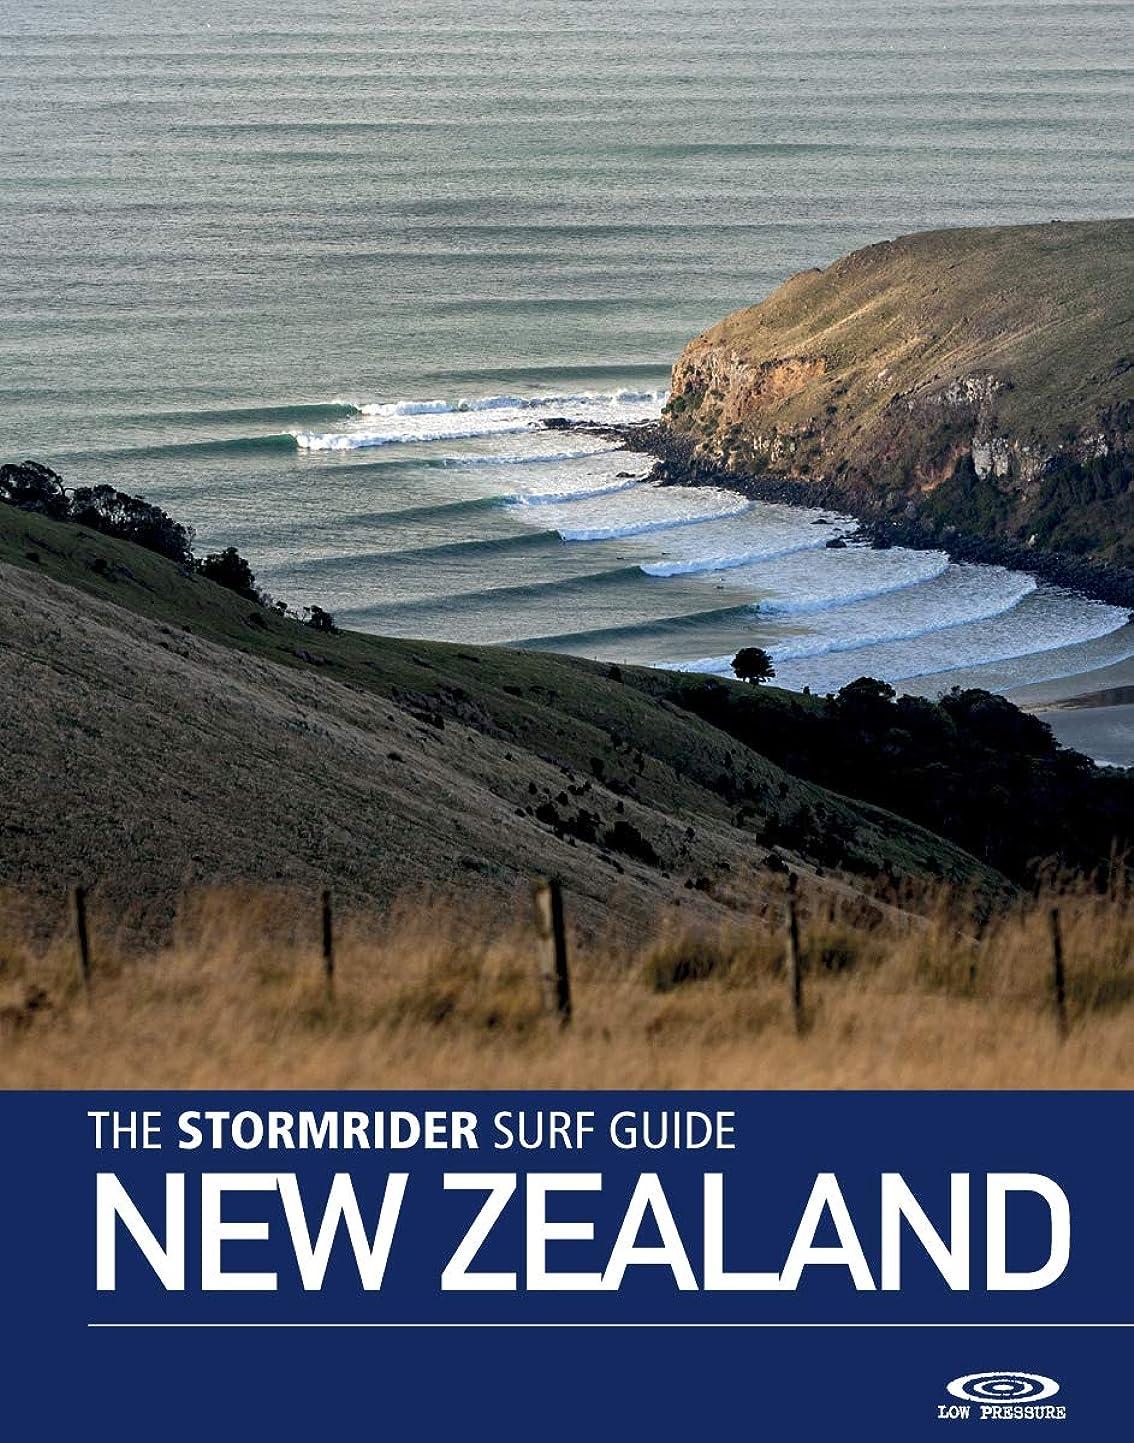 敷居メタルラインいらいらさせるThe Stormrider Surf Guide New Zealand: Surfing In New Zealands' North and South Islands (Stormrider Surf Guides) (English Edition)